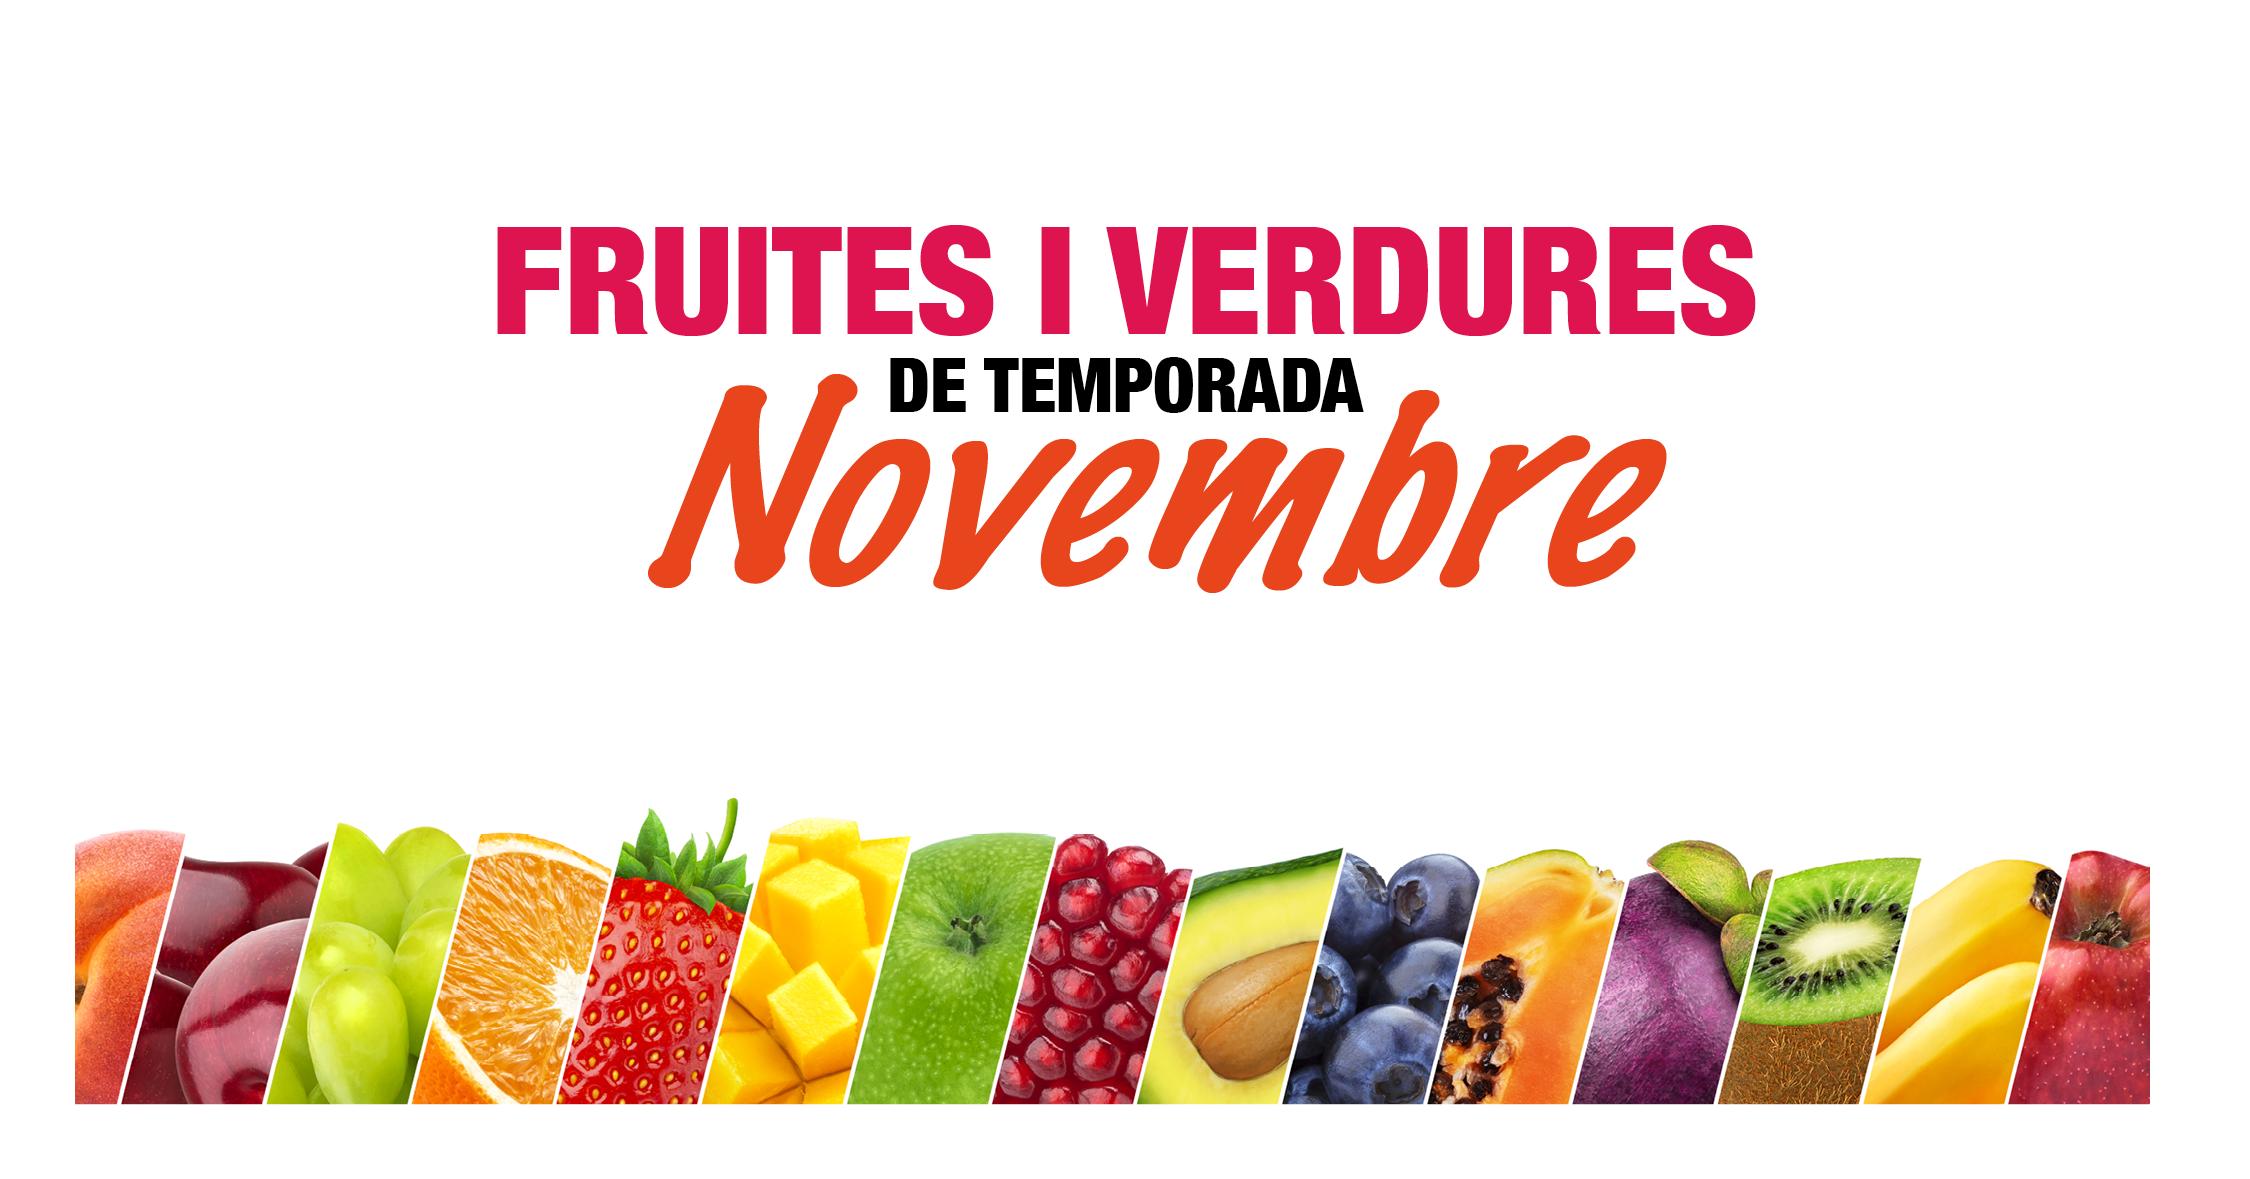 Fruites i verdures de temporada: Novembre